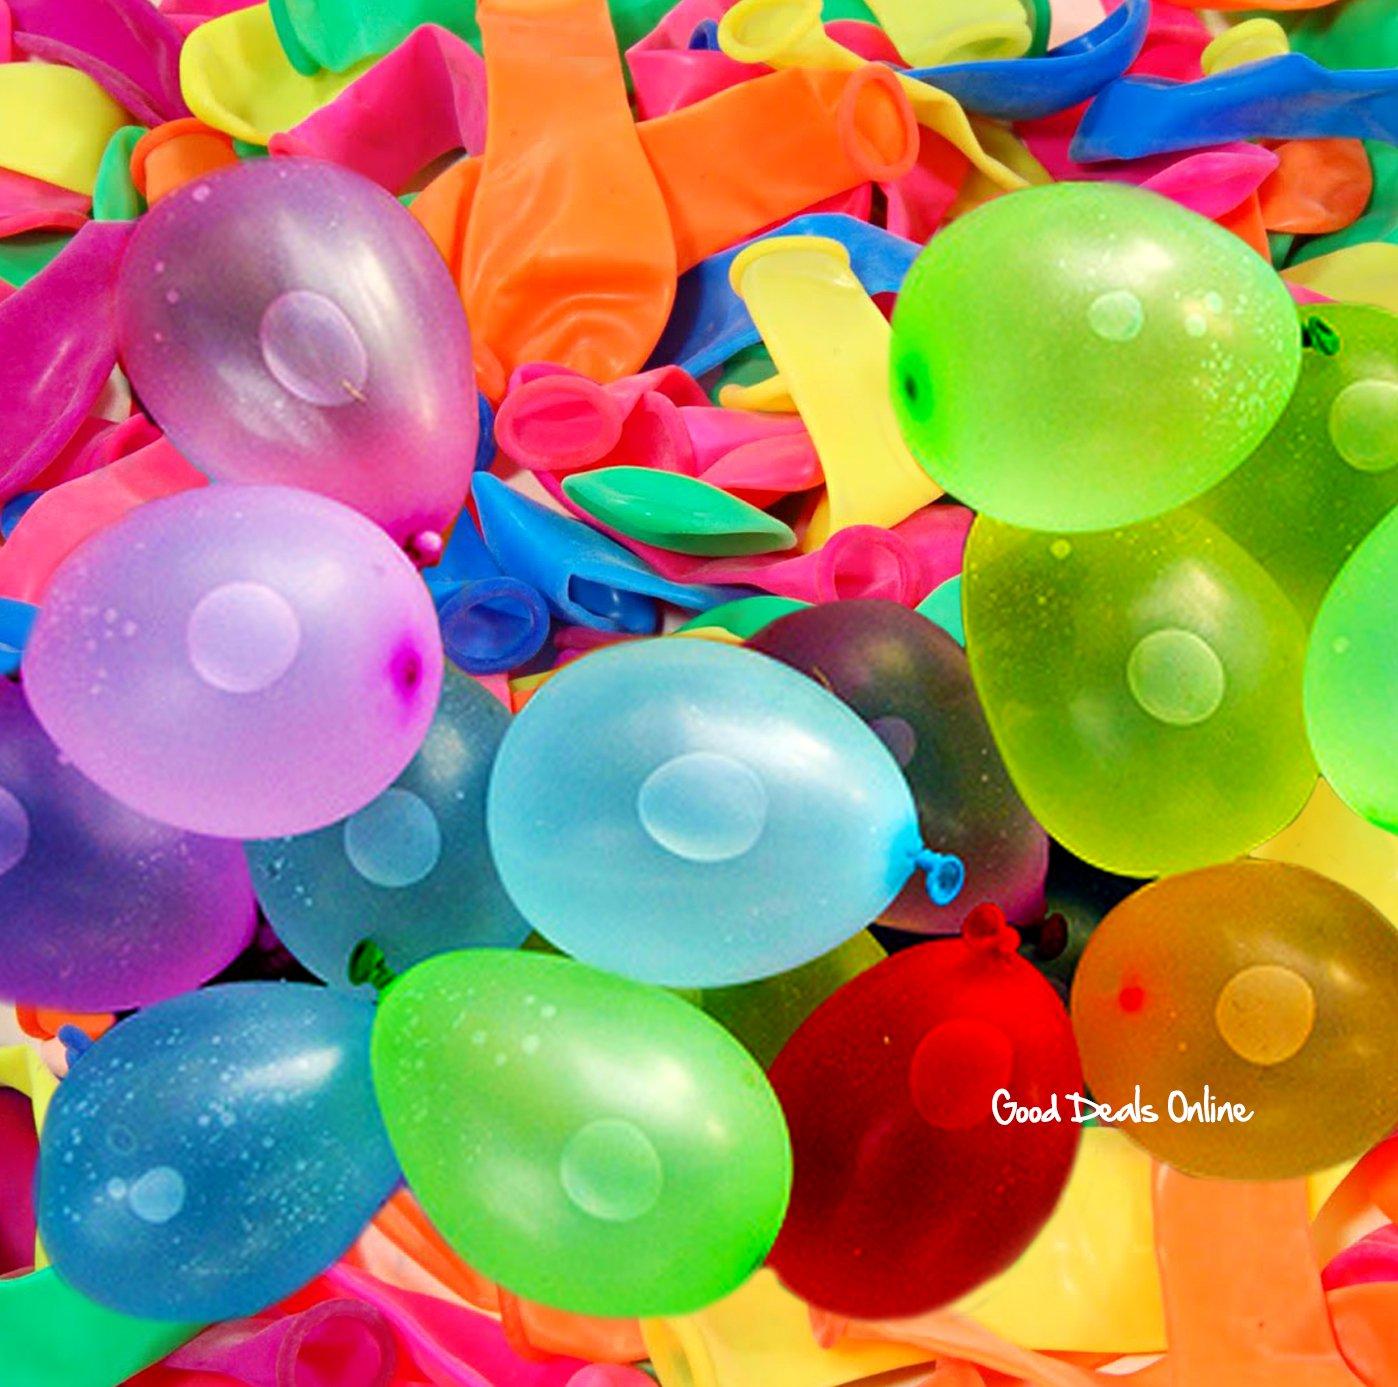 Kalaokei 500Pcs Water Bombs Balloons Outdoor Party Garden Summer Beach DIY Fun Balloon Game Toys